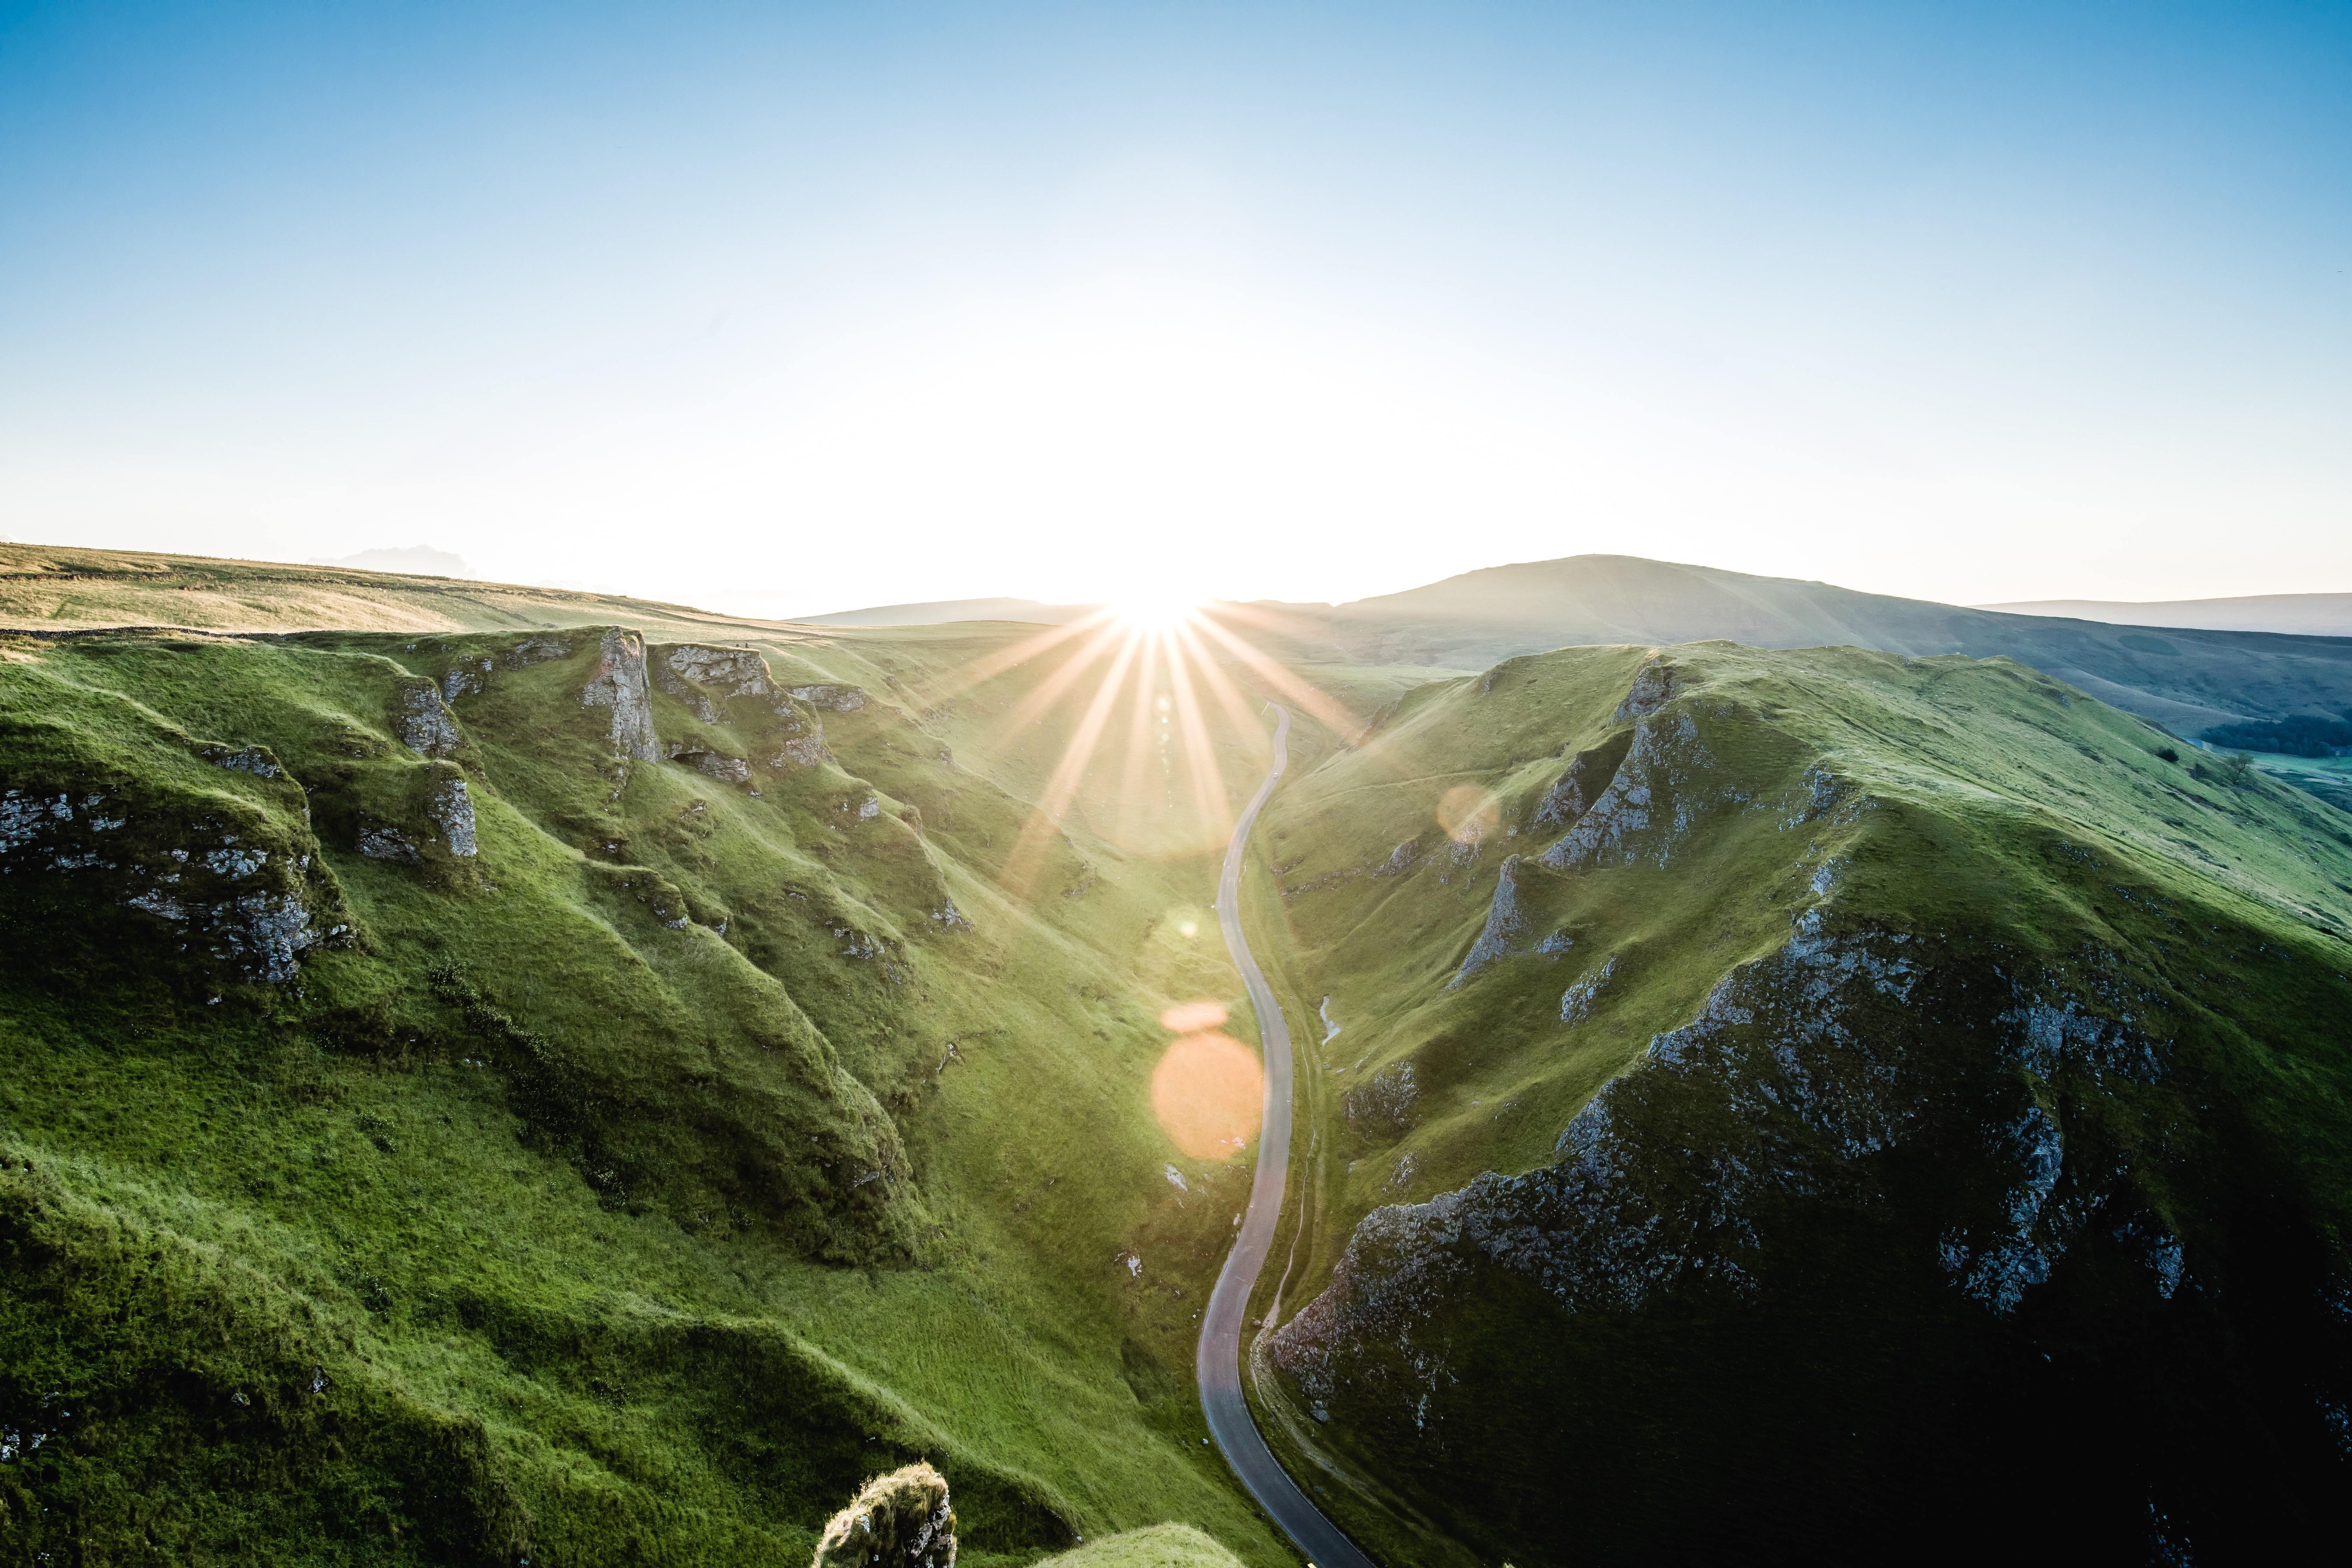 Sun rising over a lush green valley